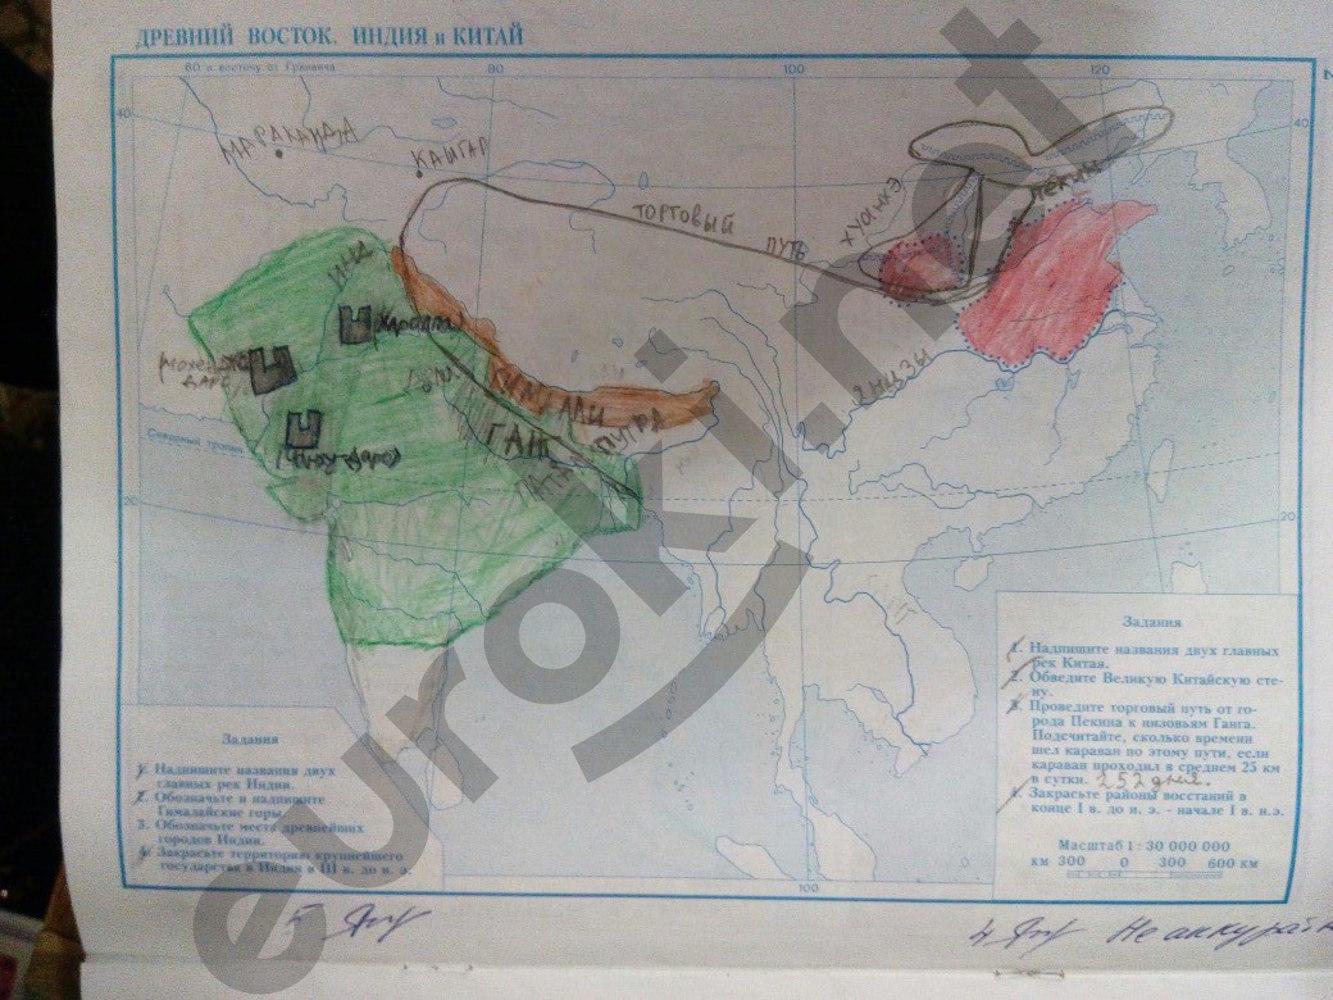 ГДЗ по истории 5 класс контурные карты Стоялова. Задание: стр. 2